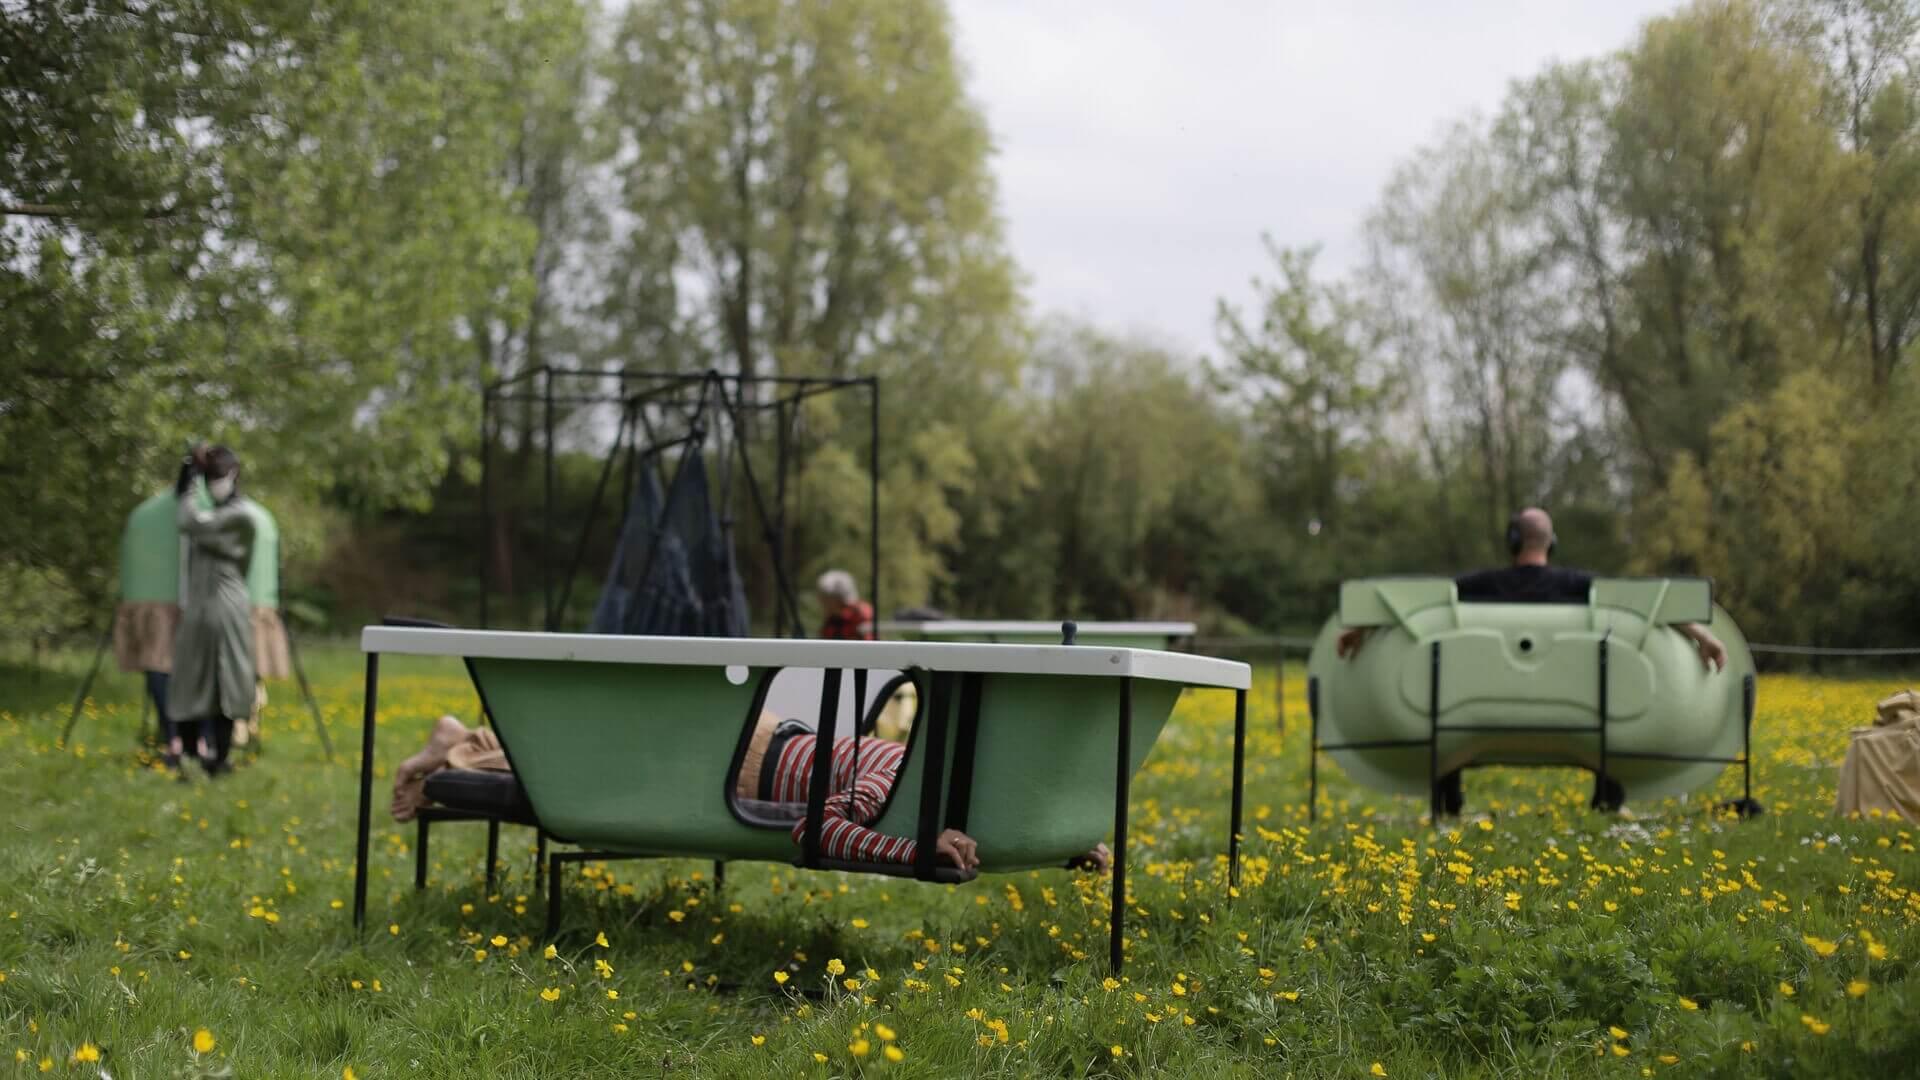 Bloos de mannen - Marte Boneschansker - Foto Lieke Romeijn